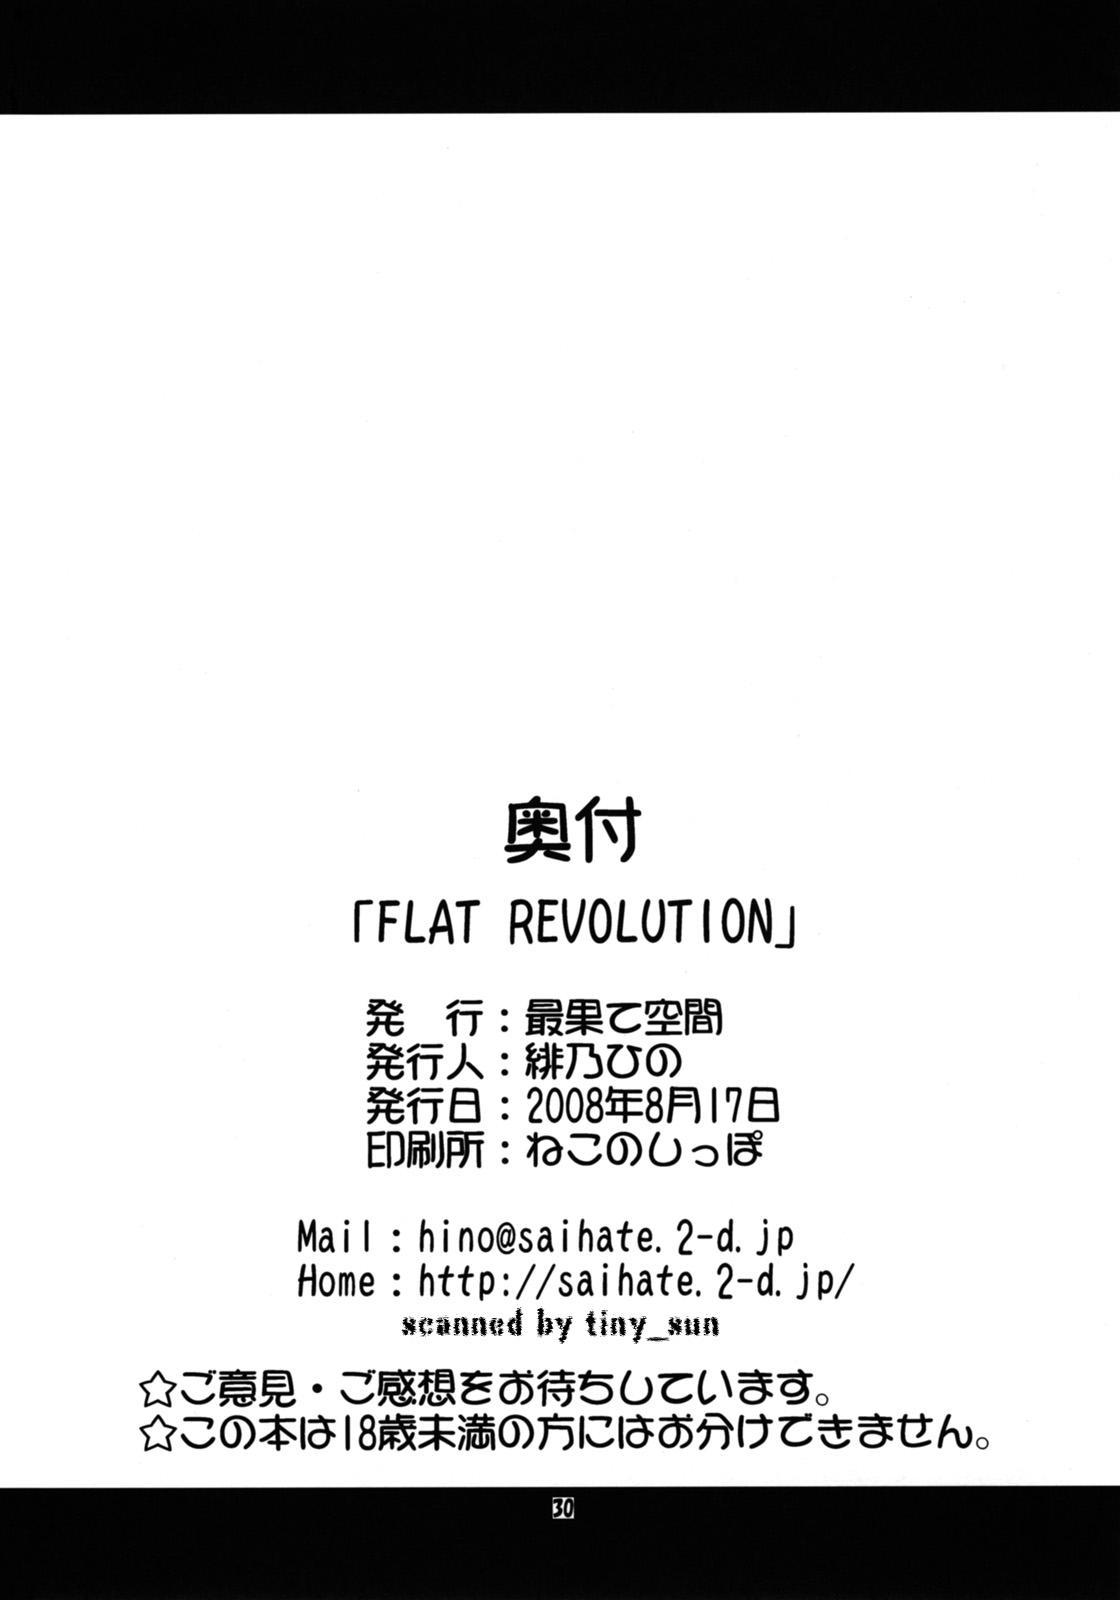 FLAT REVOLUTION 29